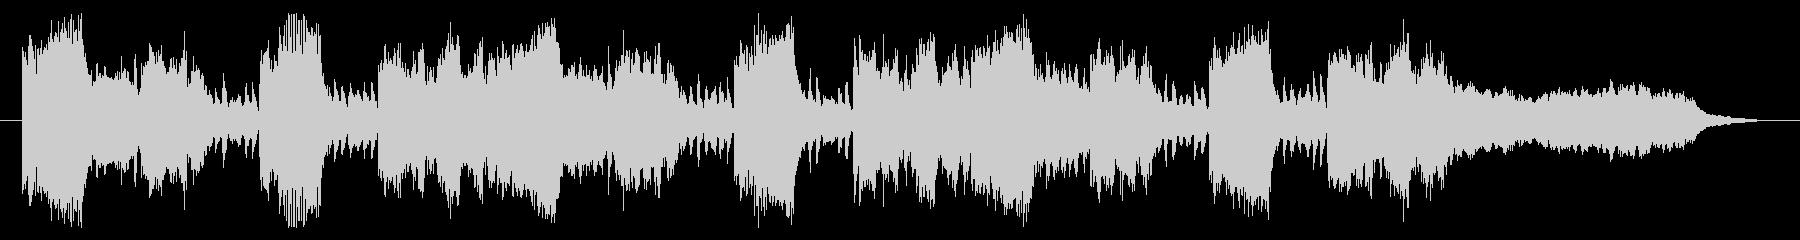 ハロウィン ホラー Future Popの未再生の波形